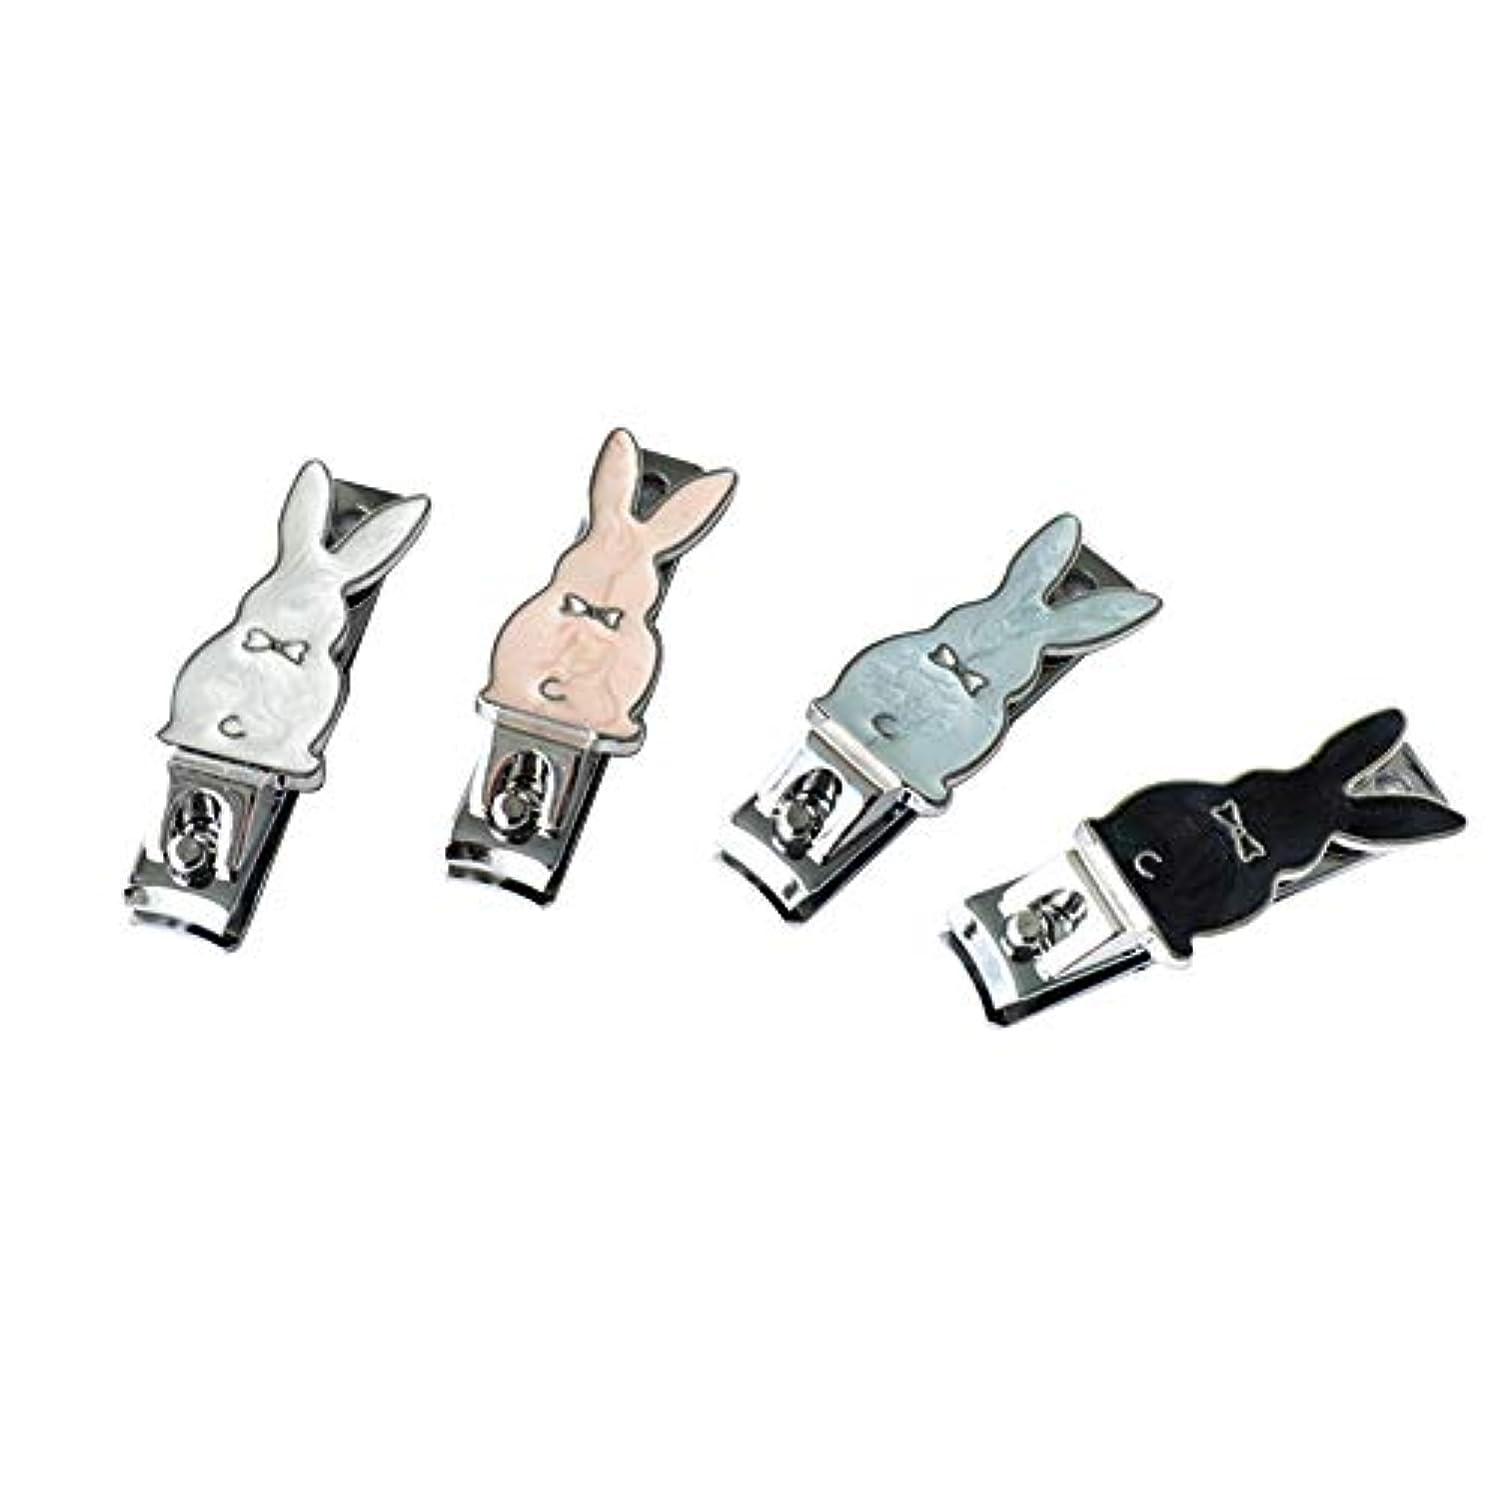 胃コンパクト区別するかわいい漫画の爪切りアーク口爪切りウサギ型の爪切り携帯便利男女兼用爪切り、ランダムな色